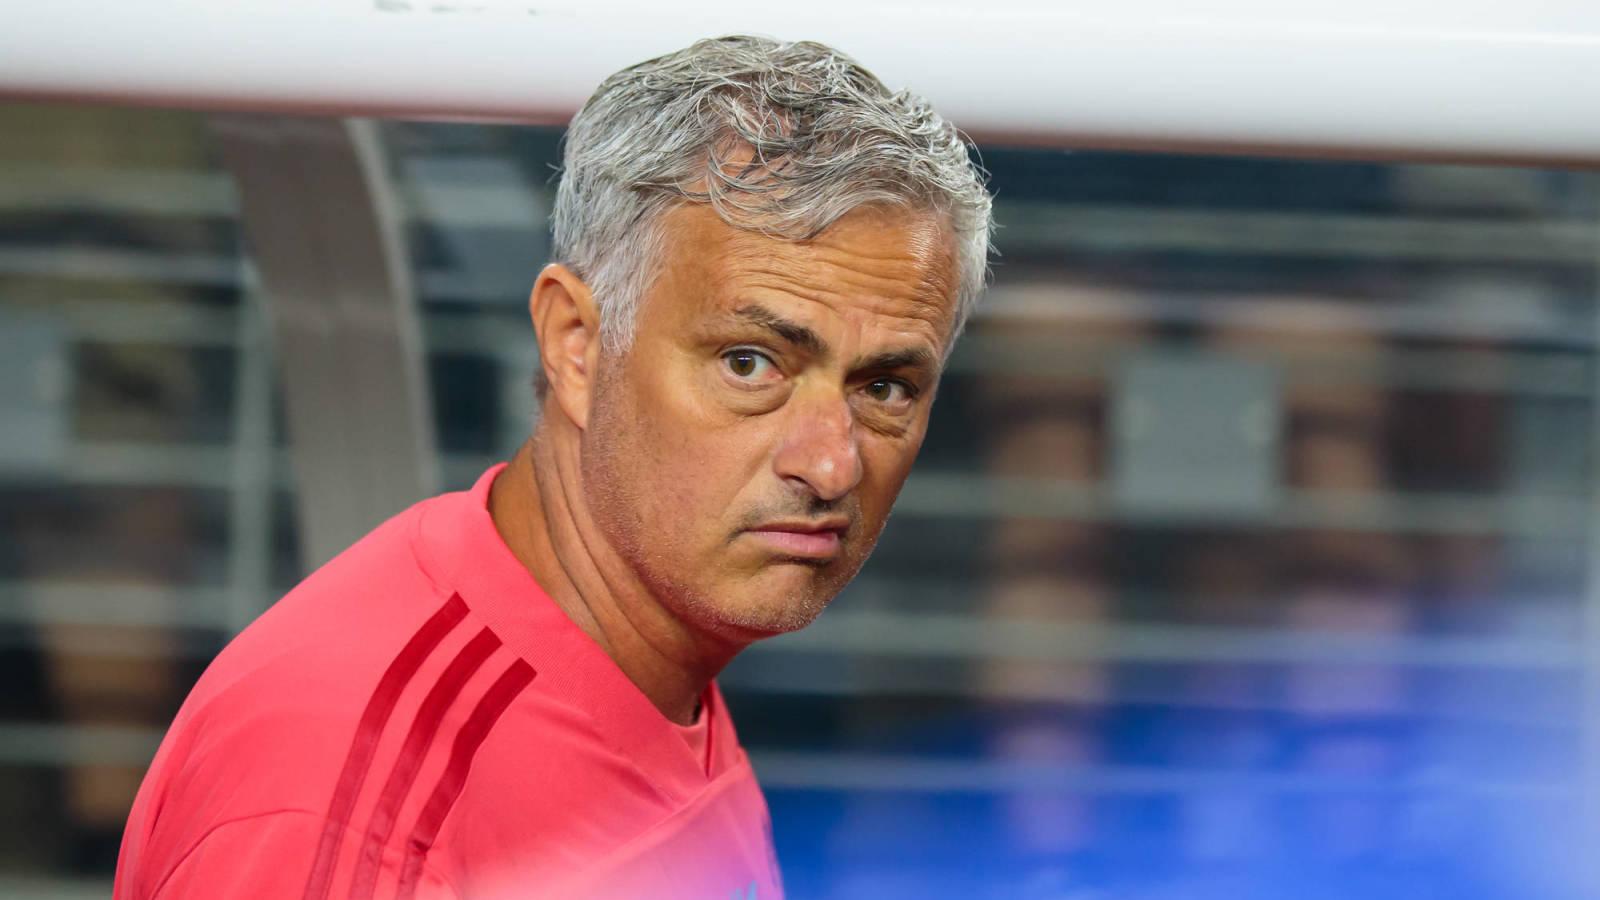 Tottenham's risky grand vision replacing Pochettino with Mourinho